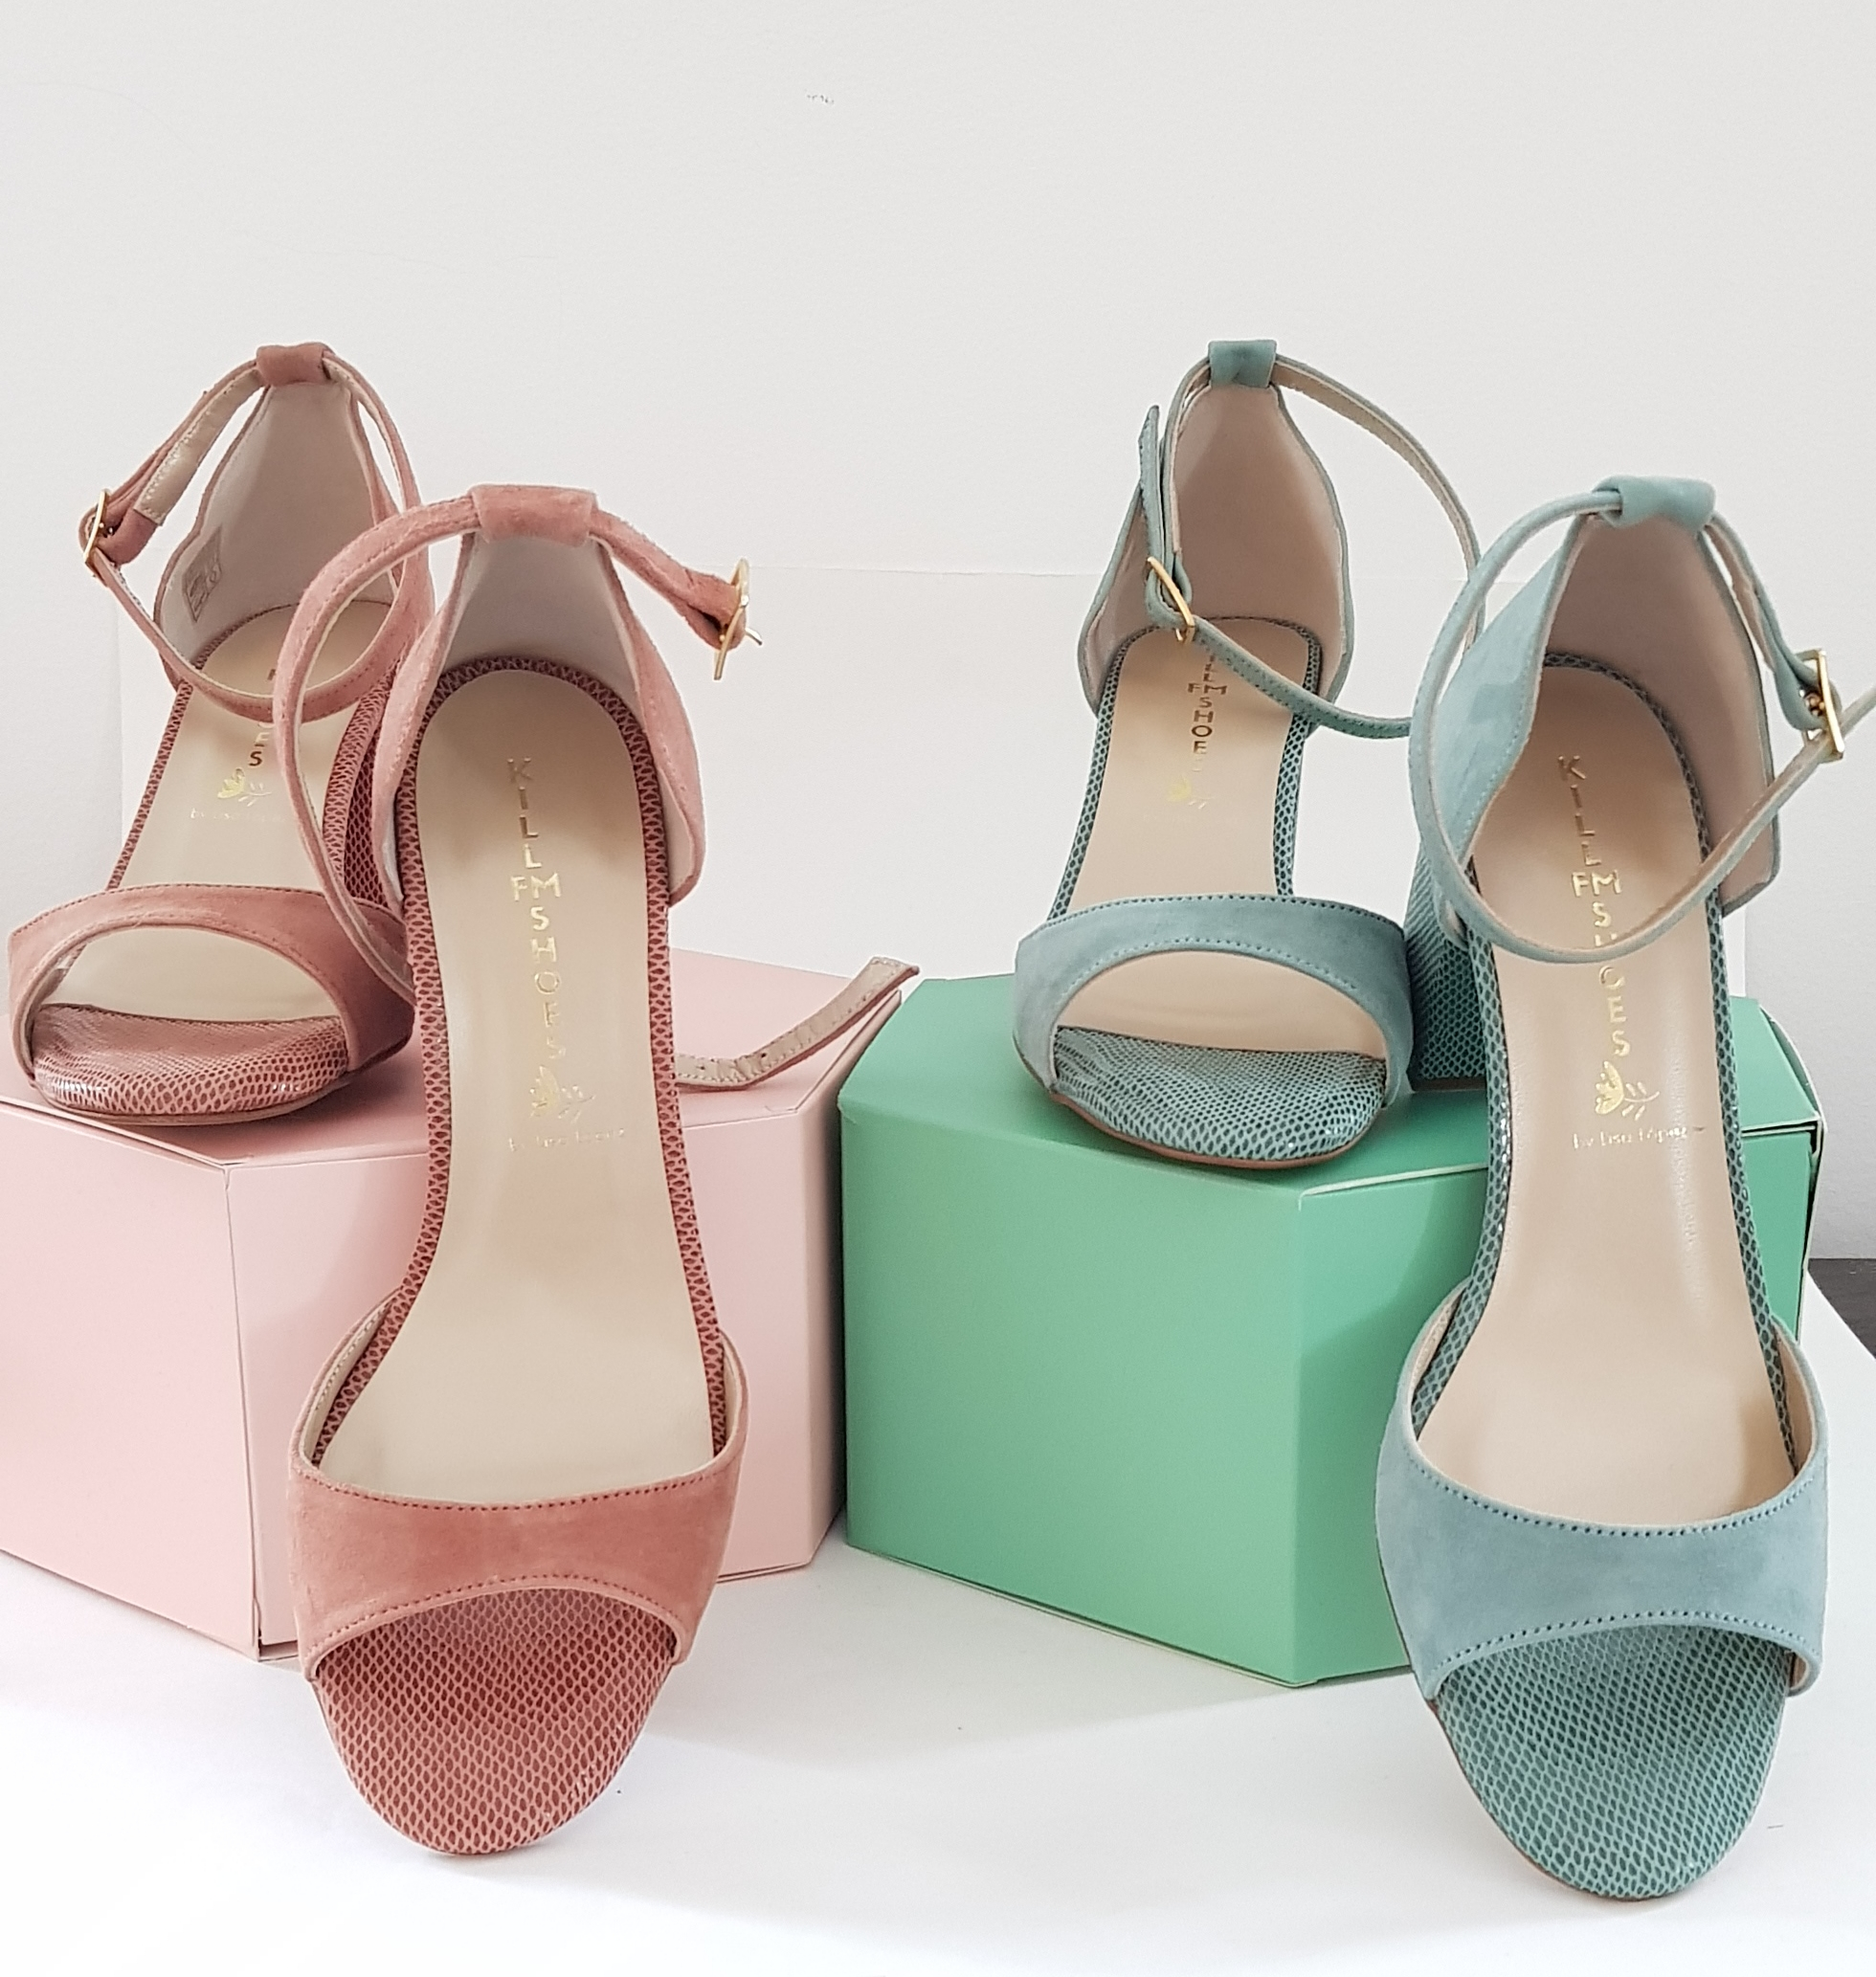 Kill For My Shoes, la nueva colección de zapatos de novia e invitada by Lisa López